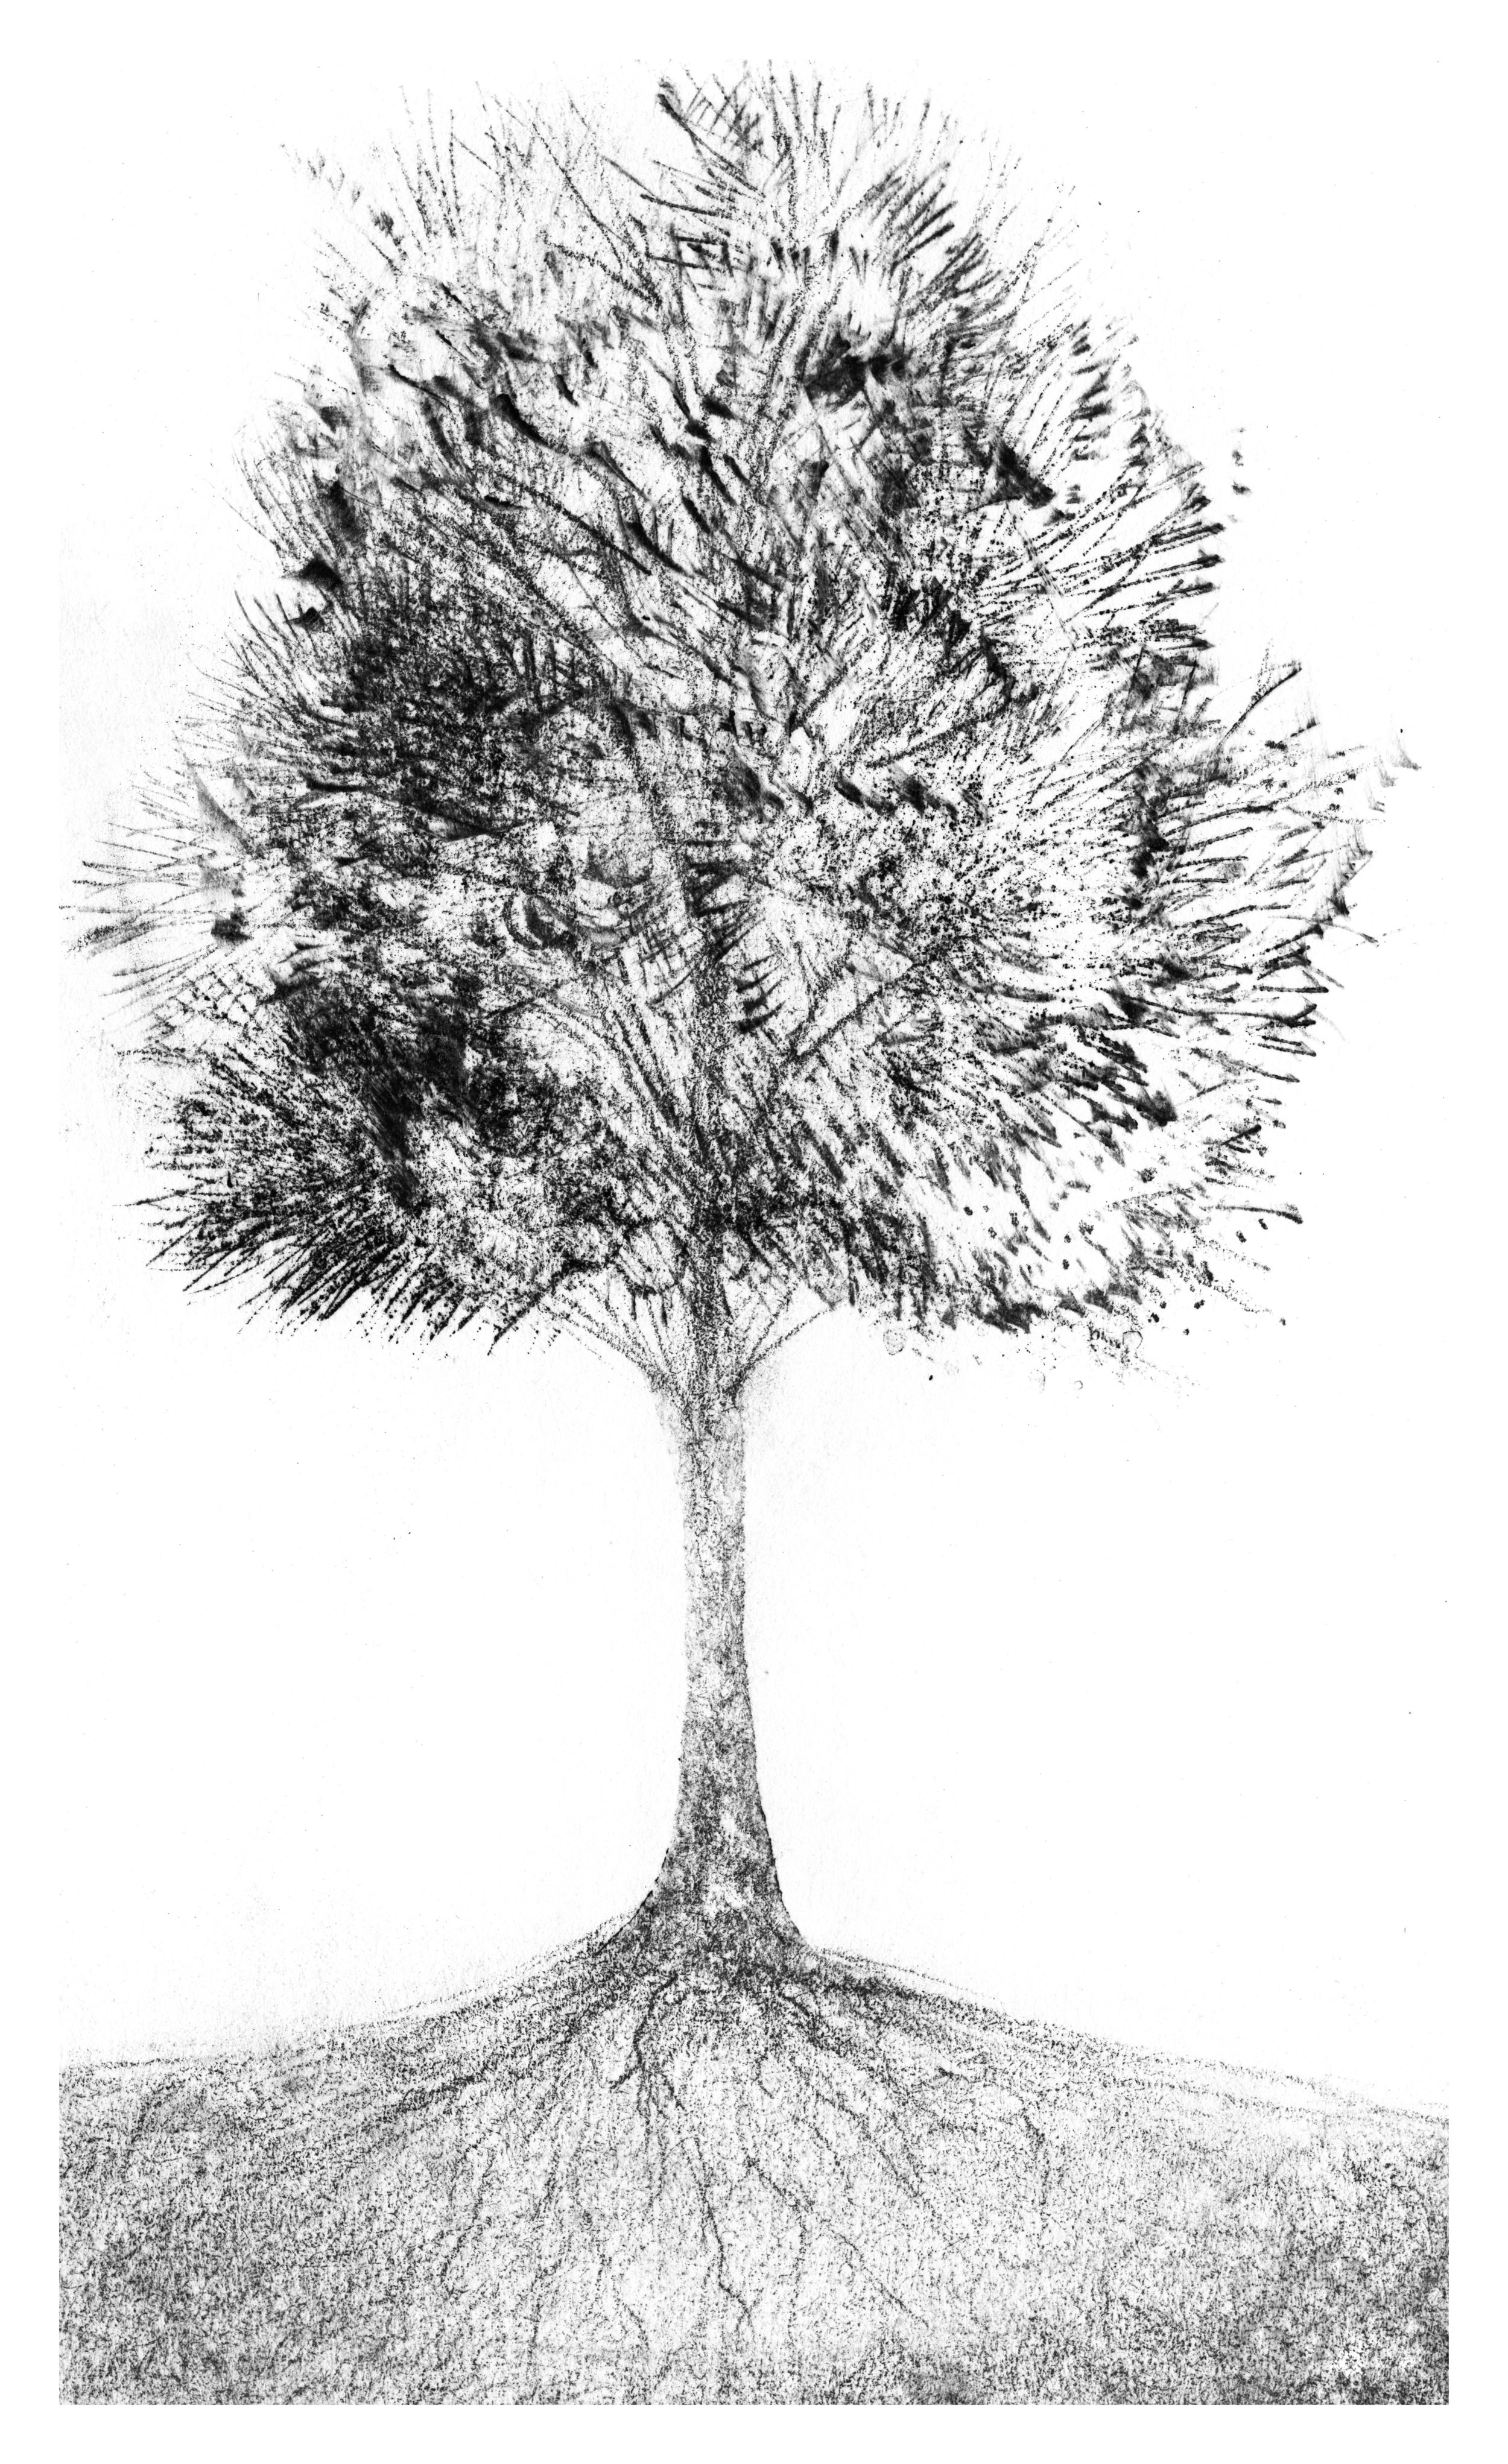 trees_white33.jpg